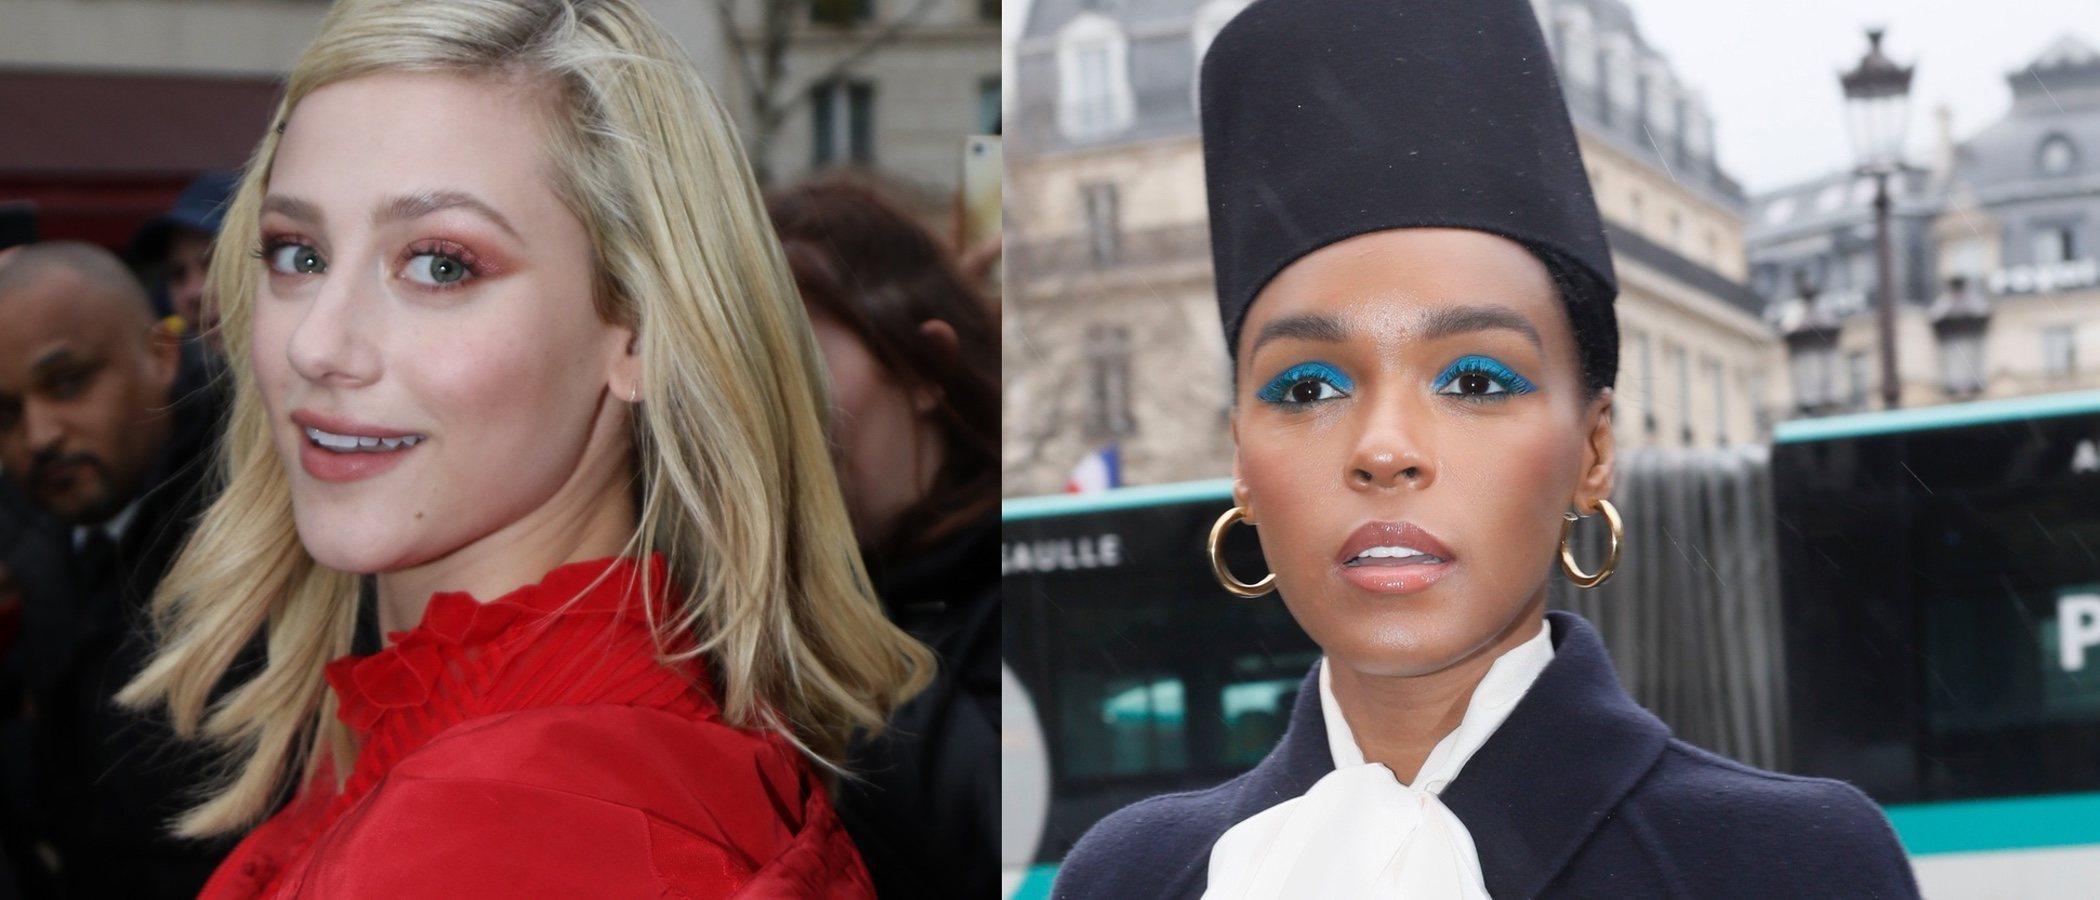 Lili Reinhart y Janelle Monáe, entre los peores beauty looks de la semana